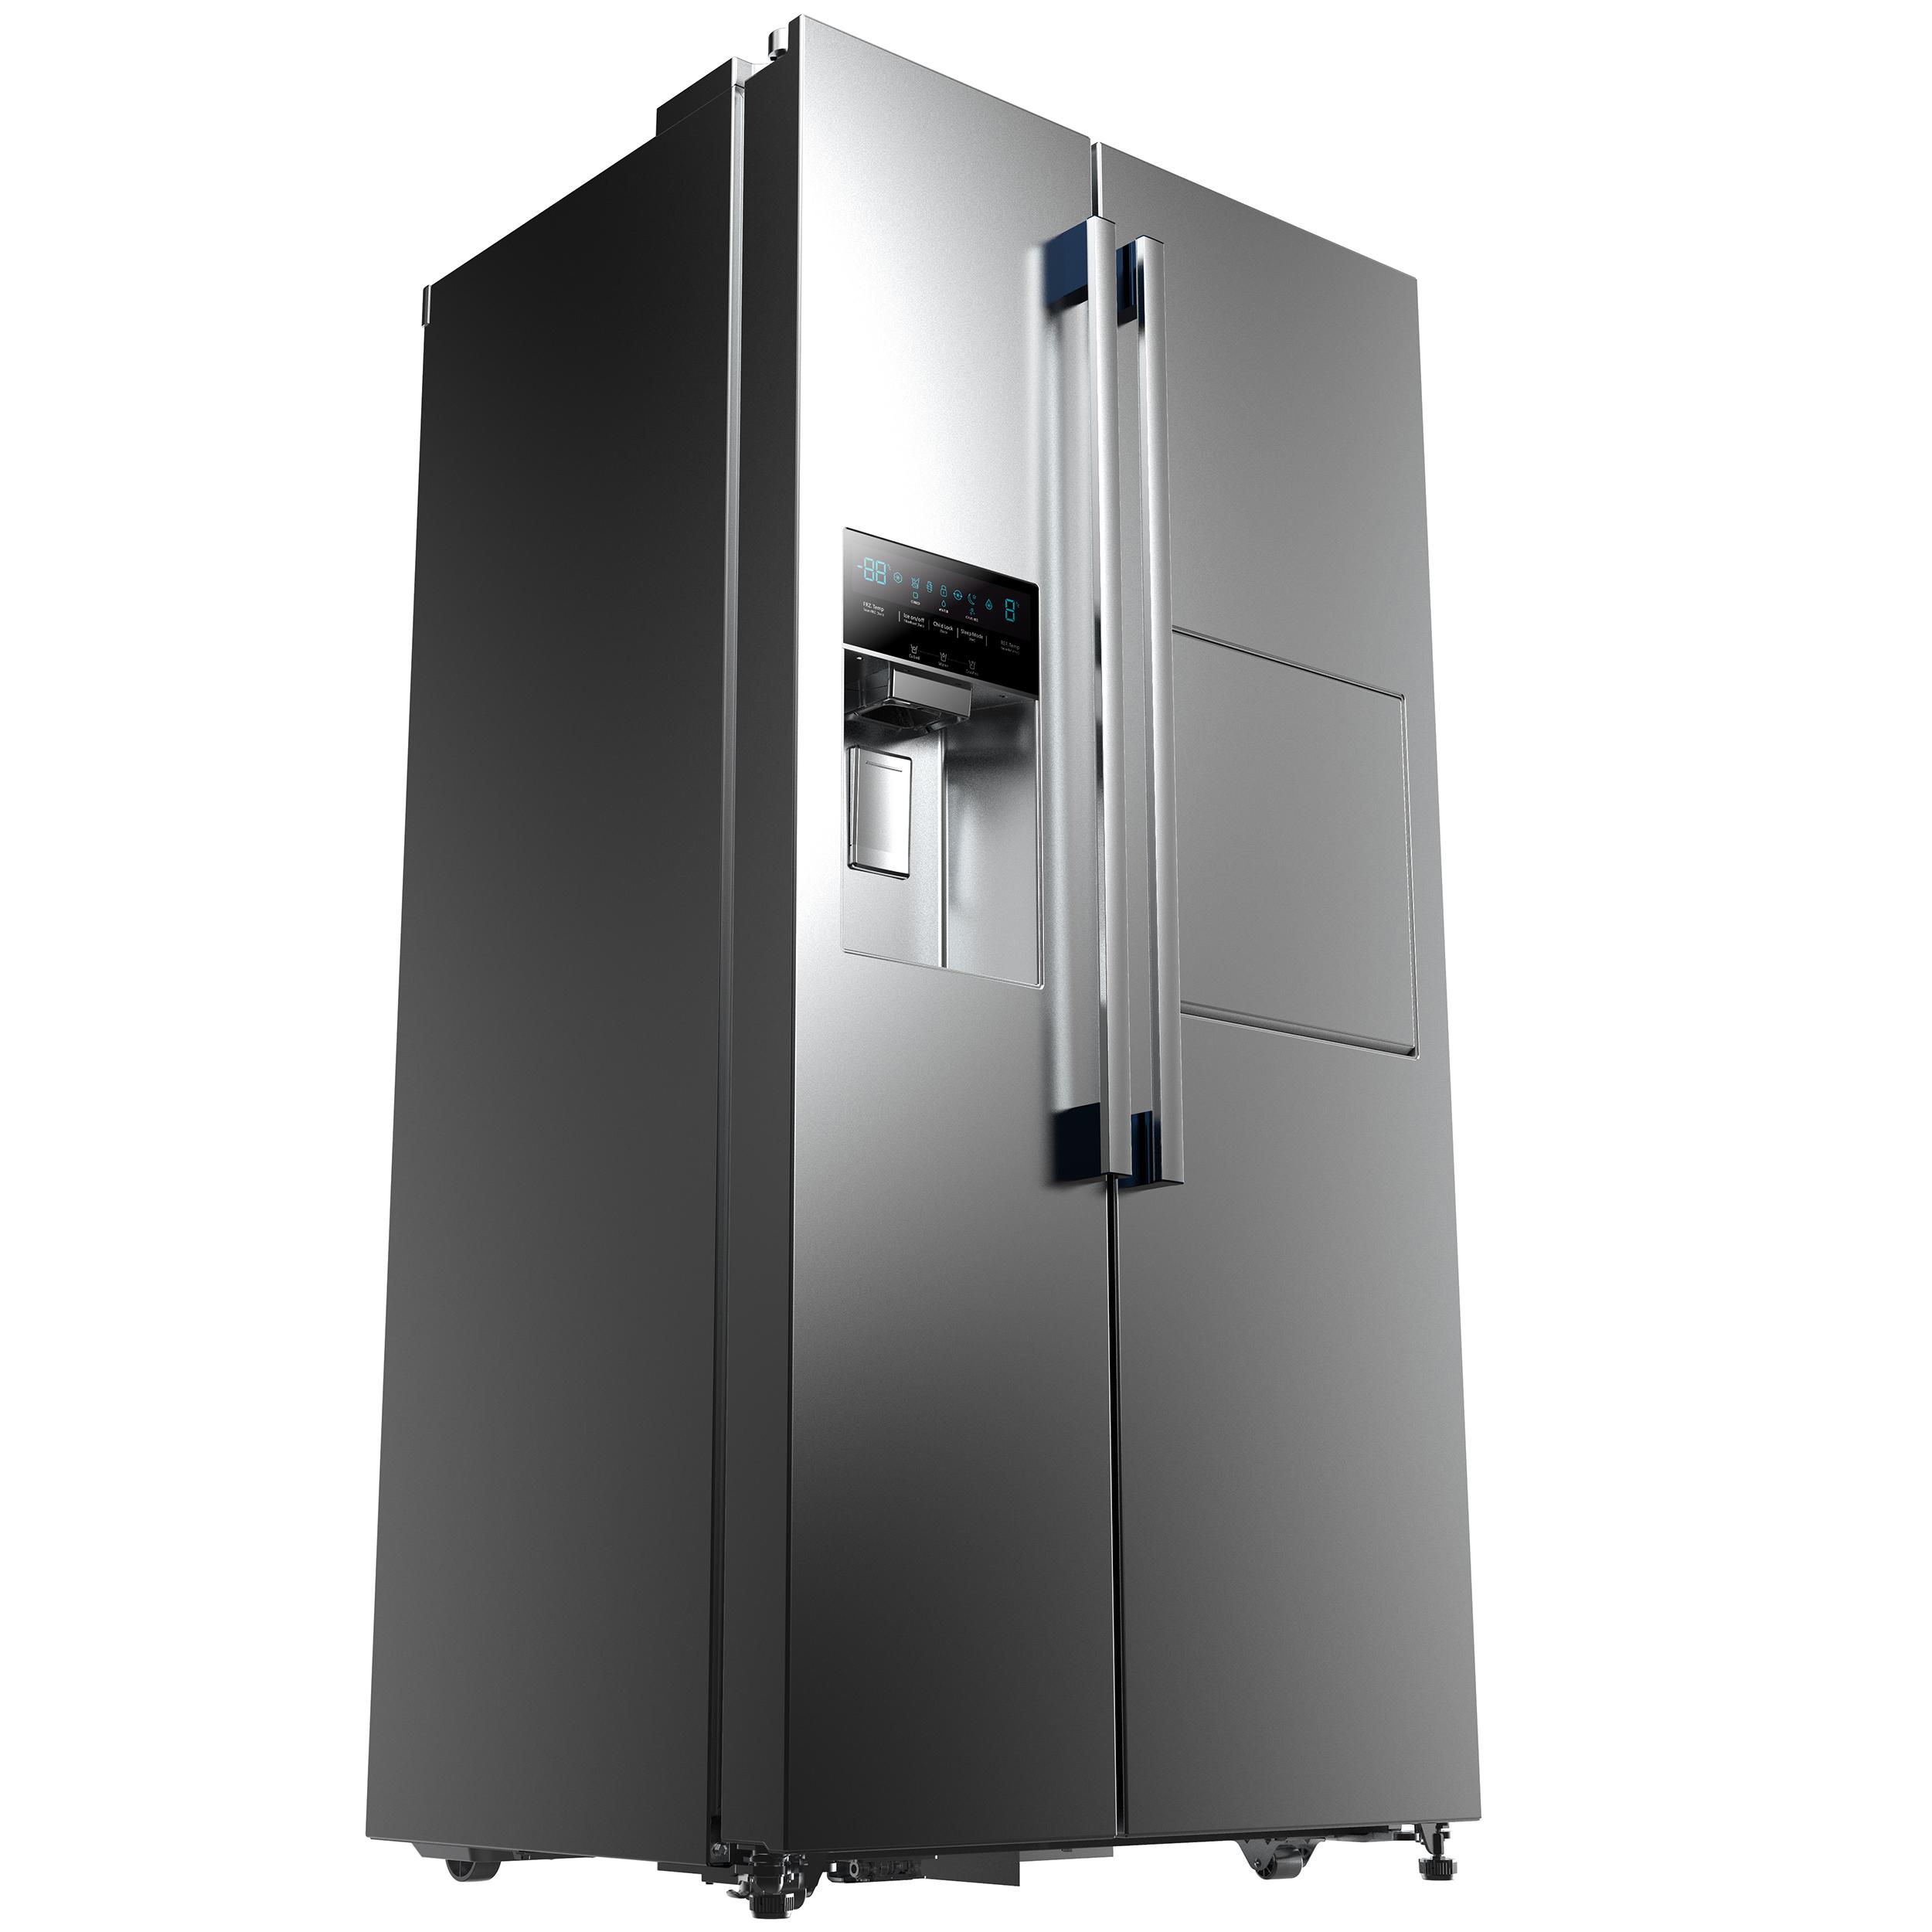 یخچال و فریز ساید بای ساید دوو مدل D4S-2915SS main 1 2